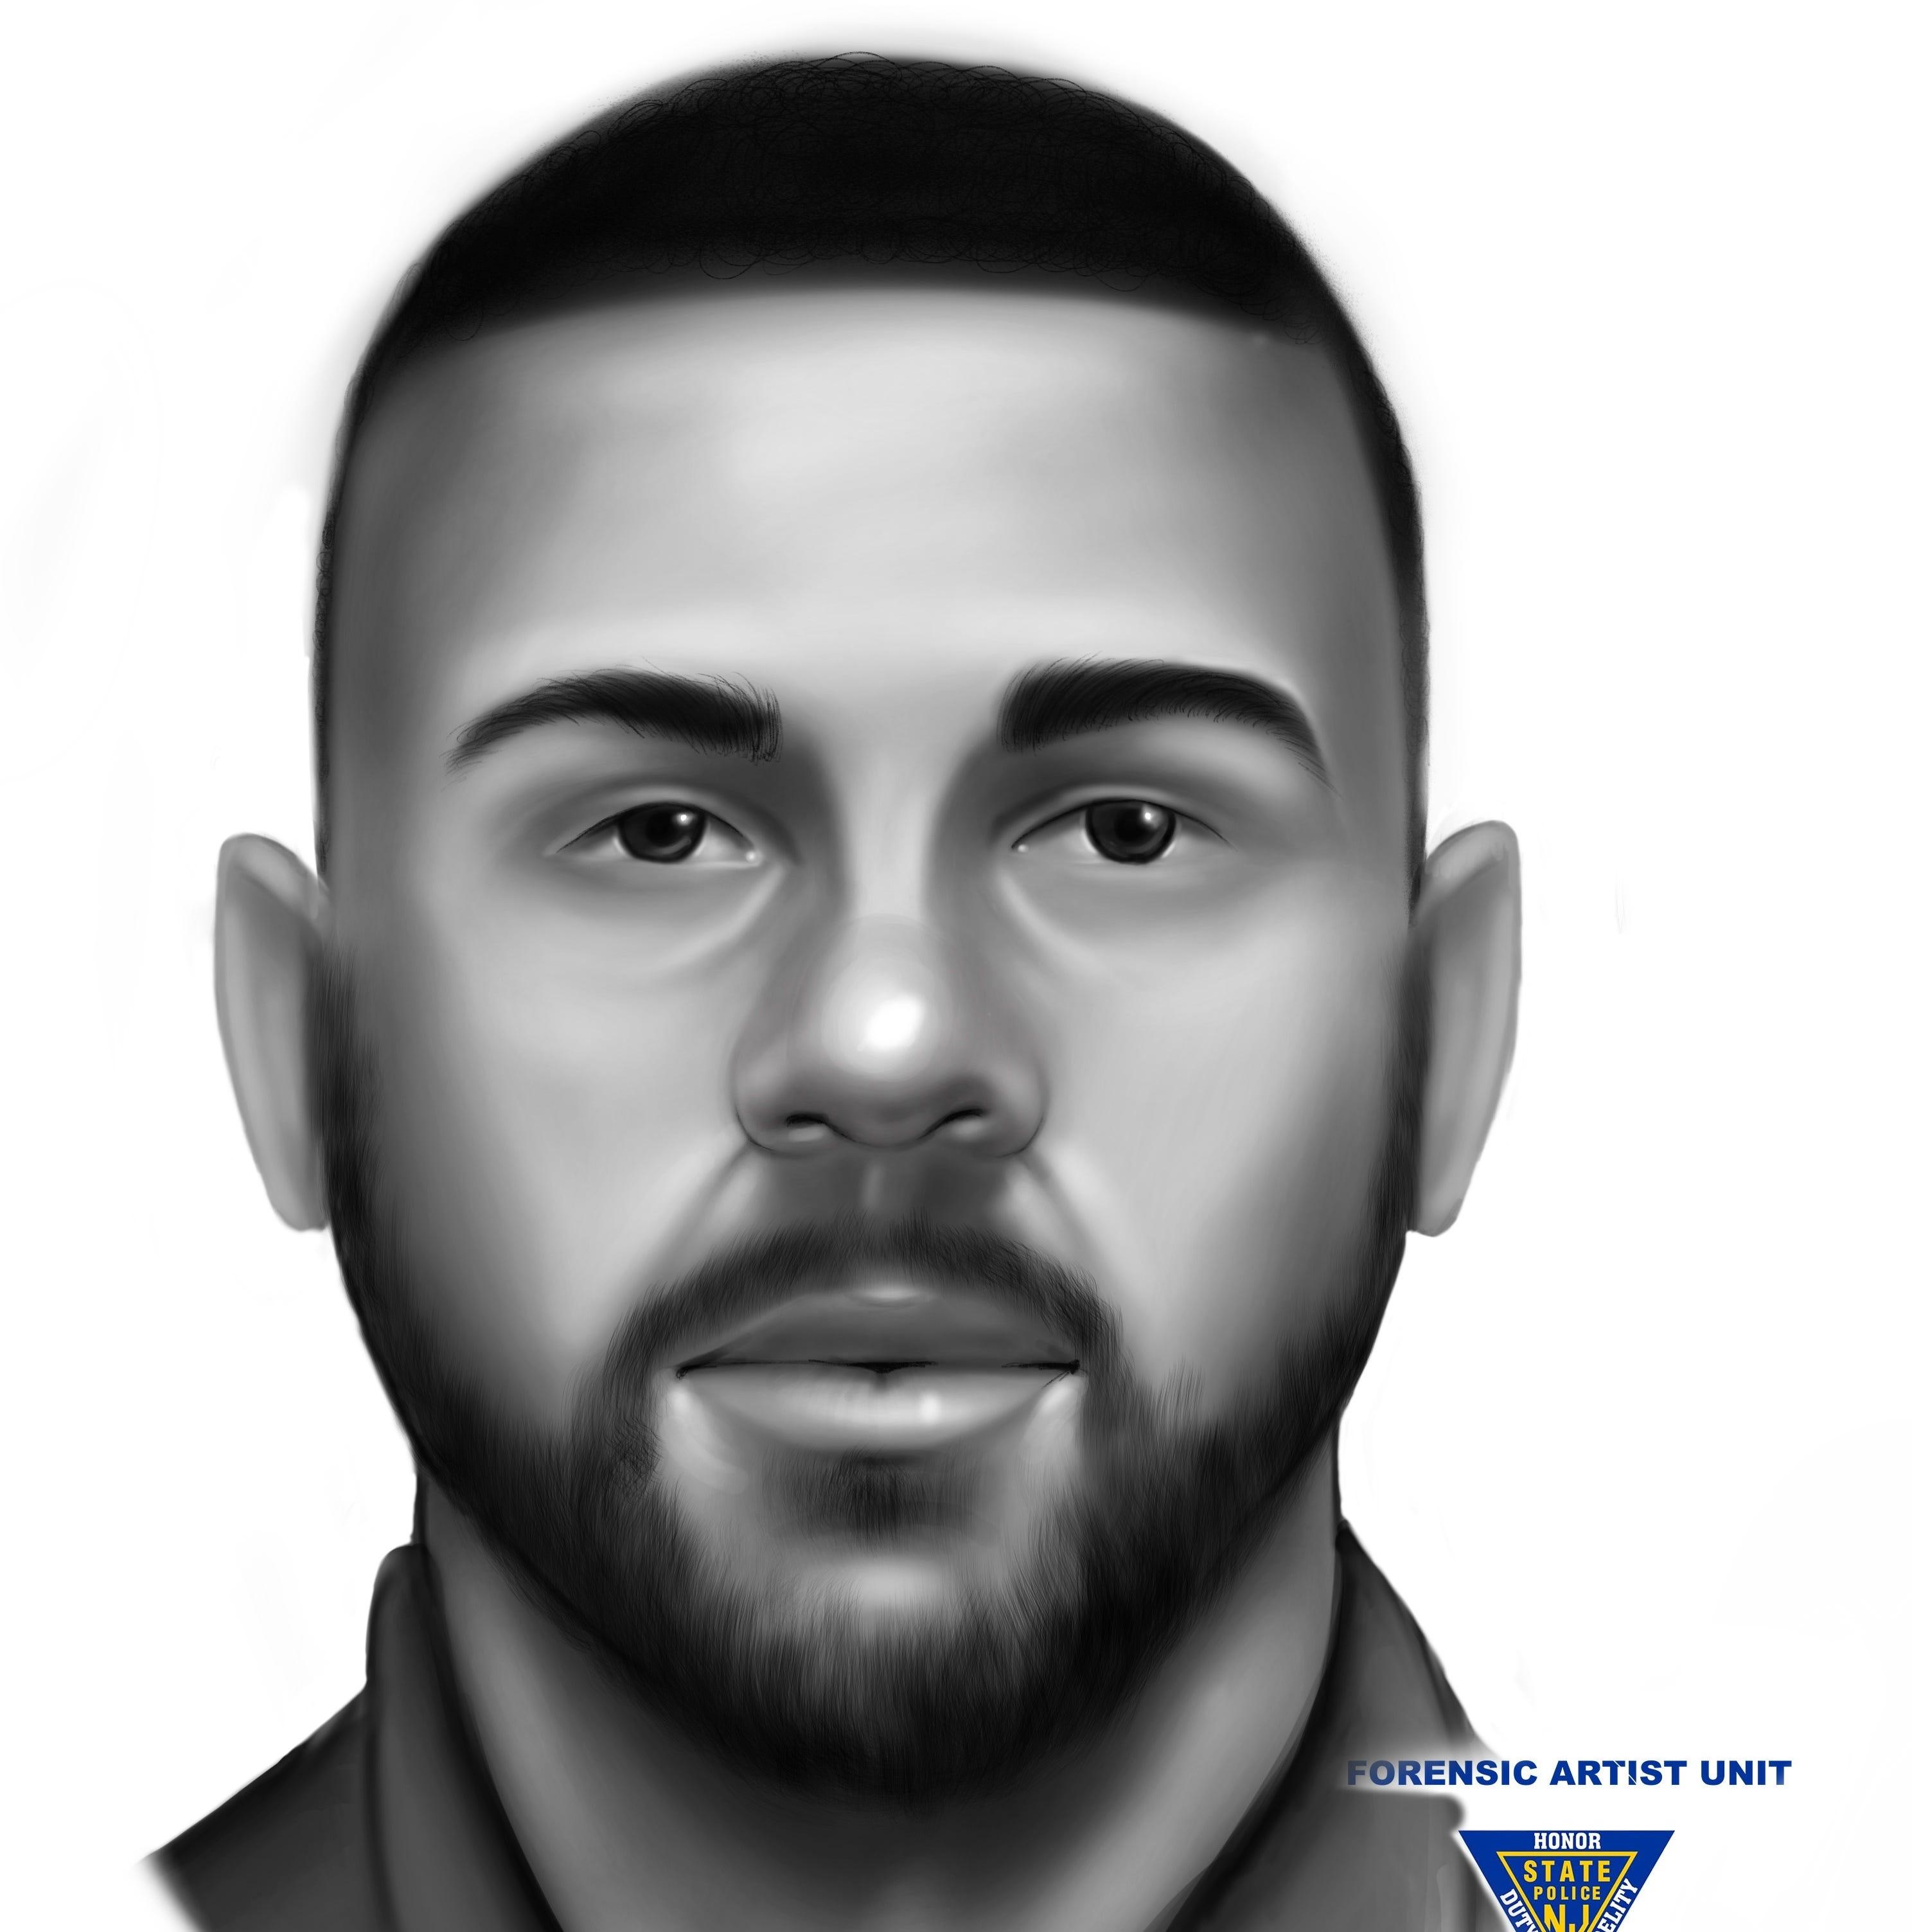 Update: Police release sketch of suspect in Camden sexual assault